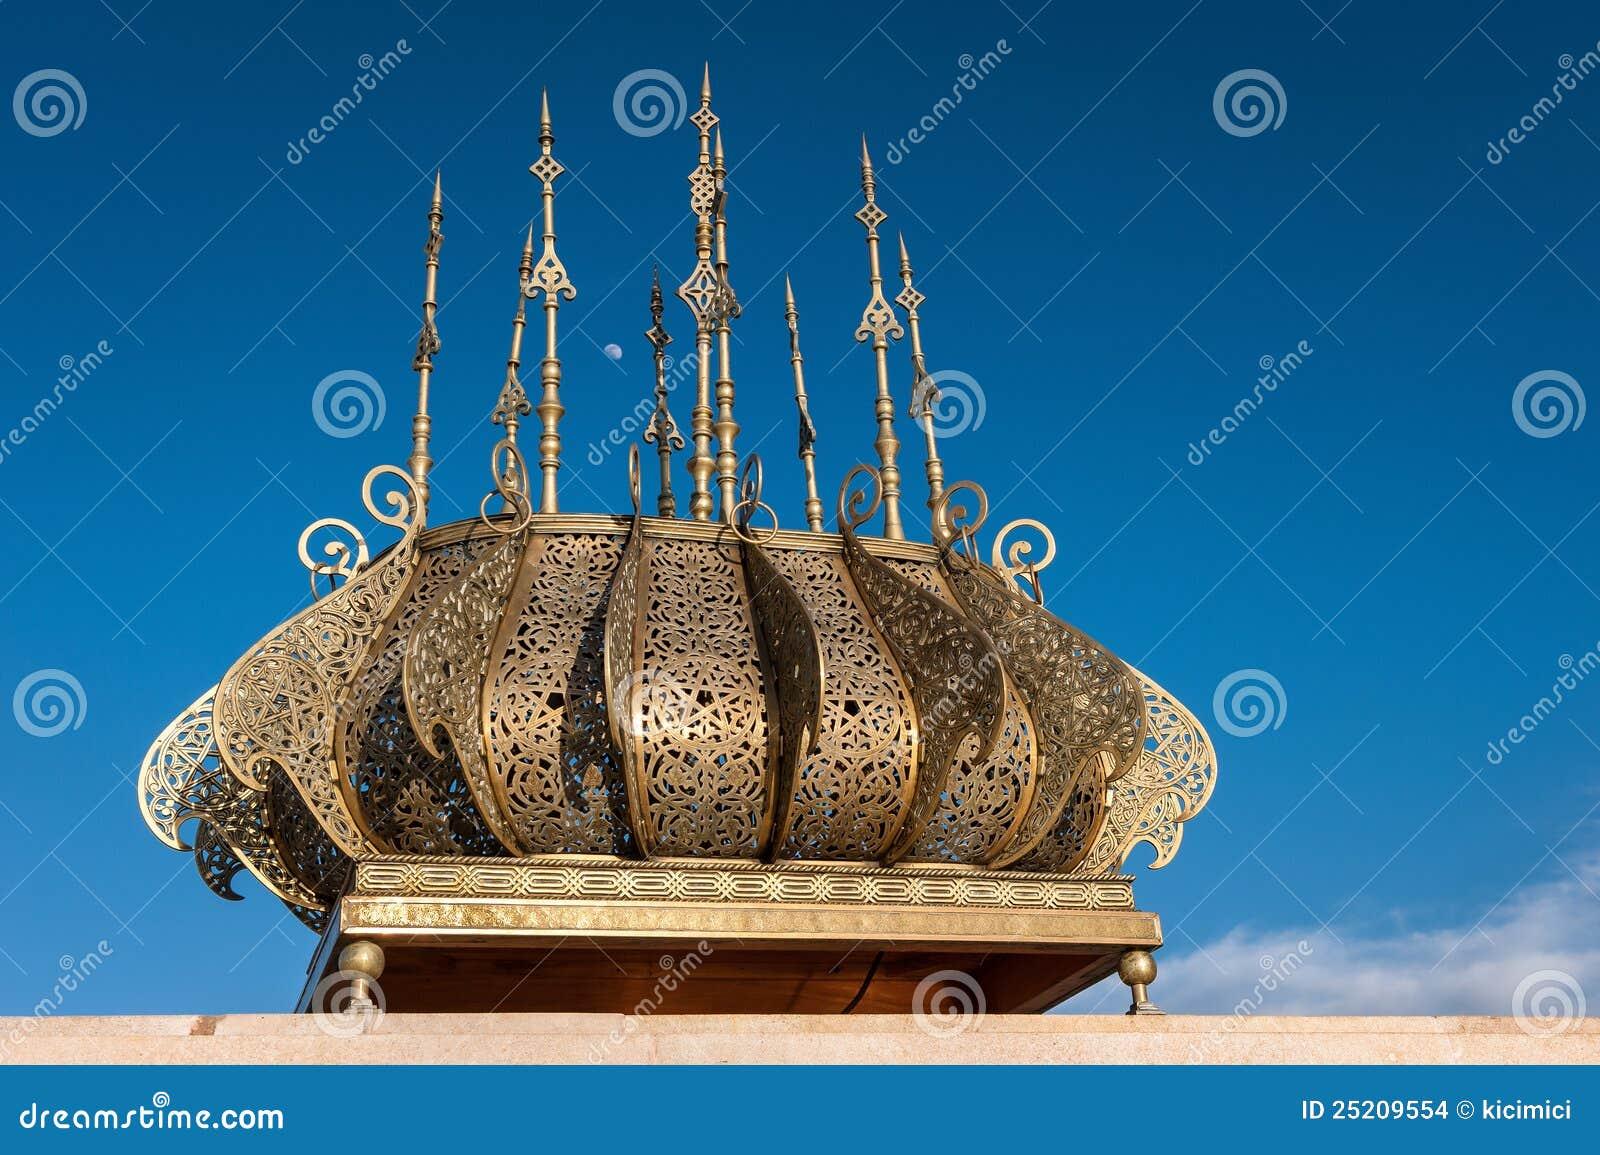 De gouden decoratie rabat marokko van hassan van de reis stock afbeeldingen afbeelding 25209554 - Decoratie van de kamers van de meiden ...